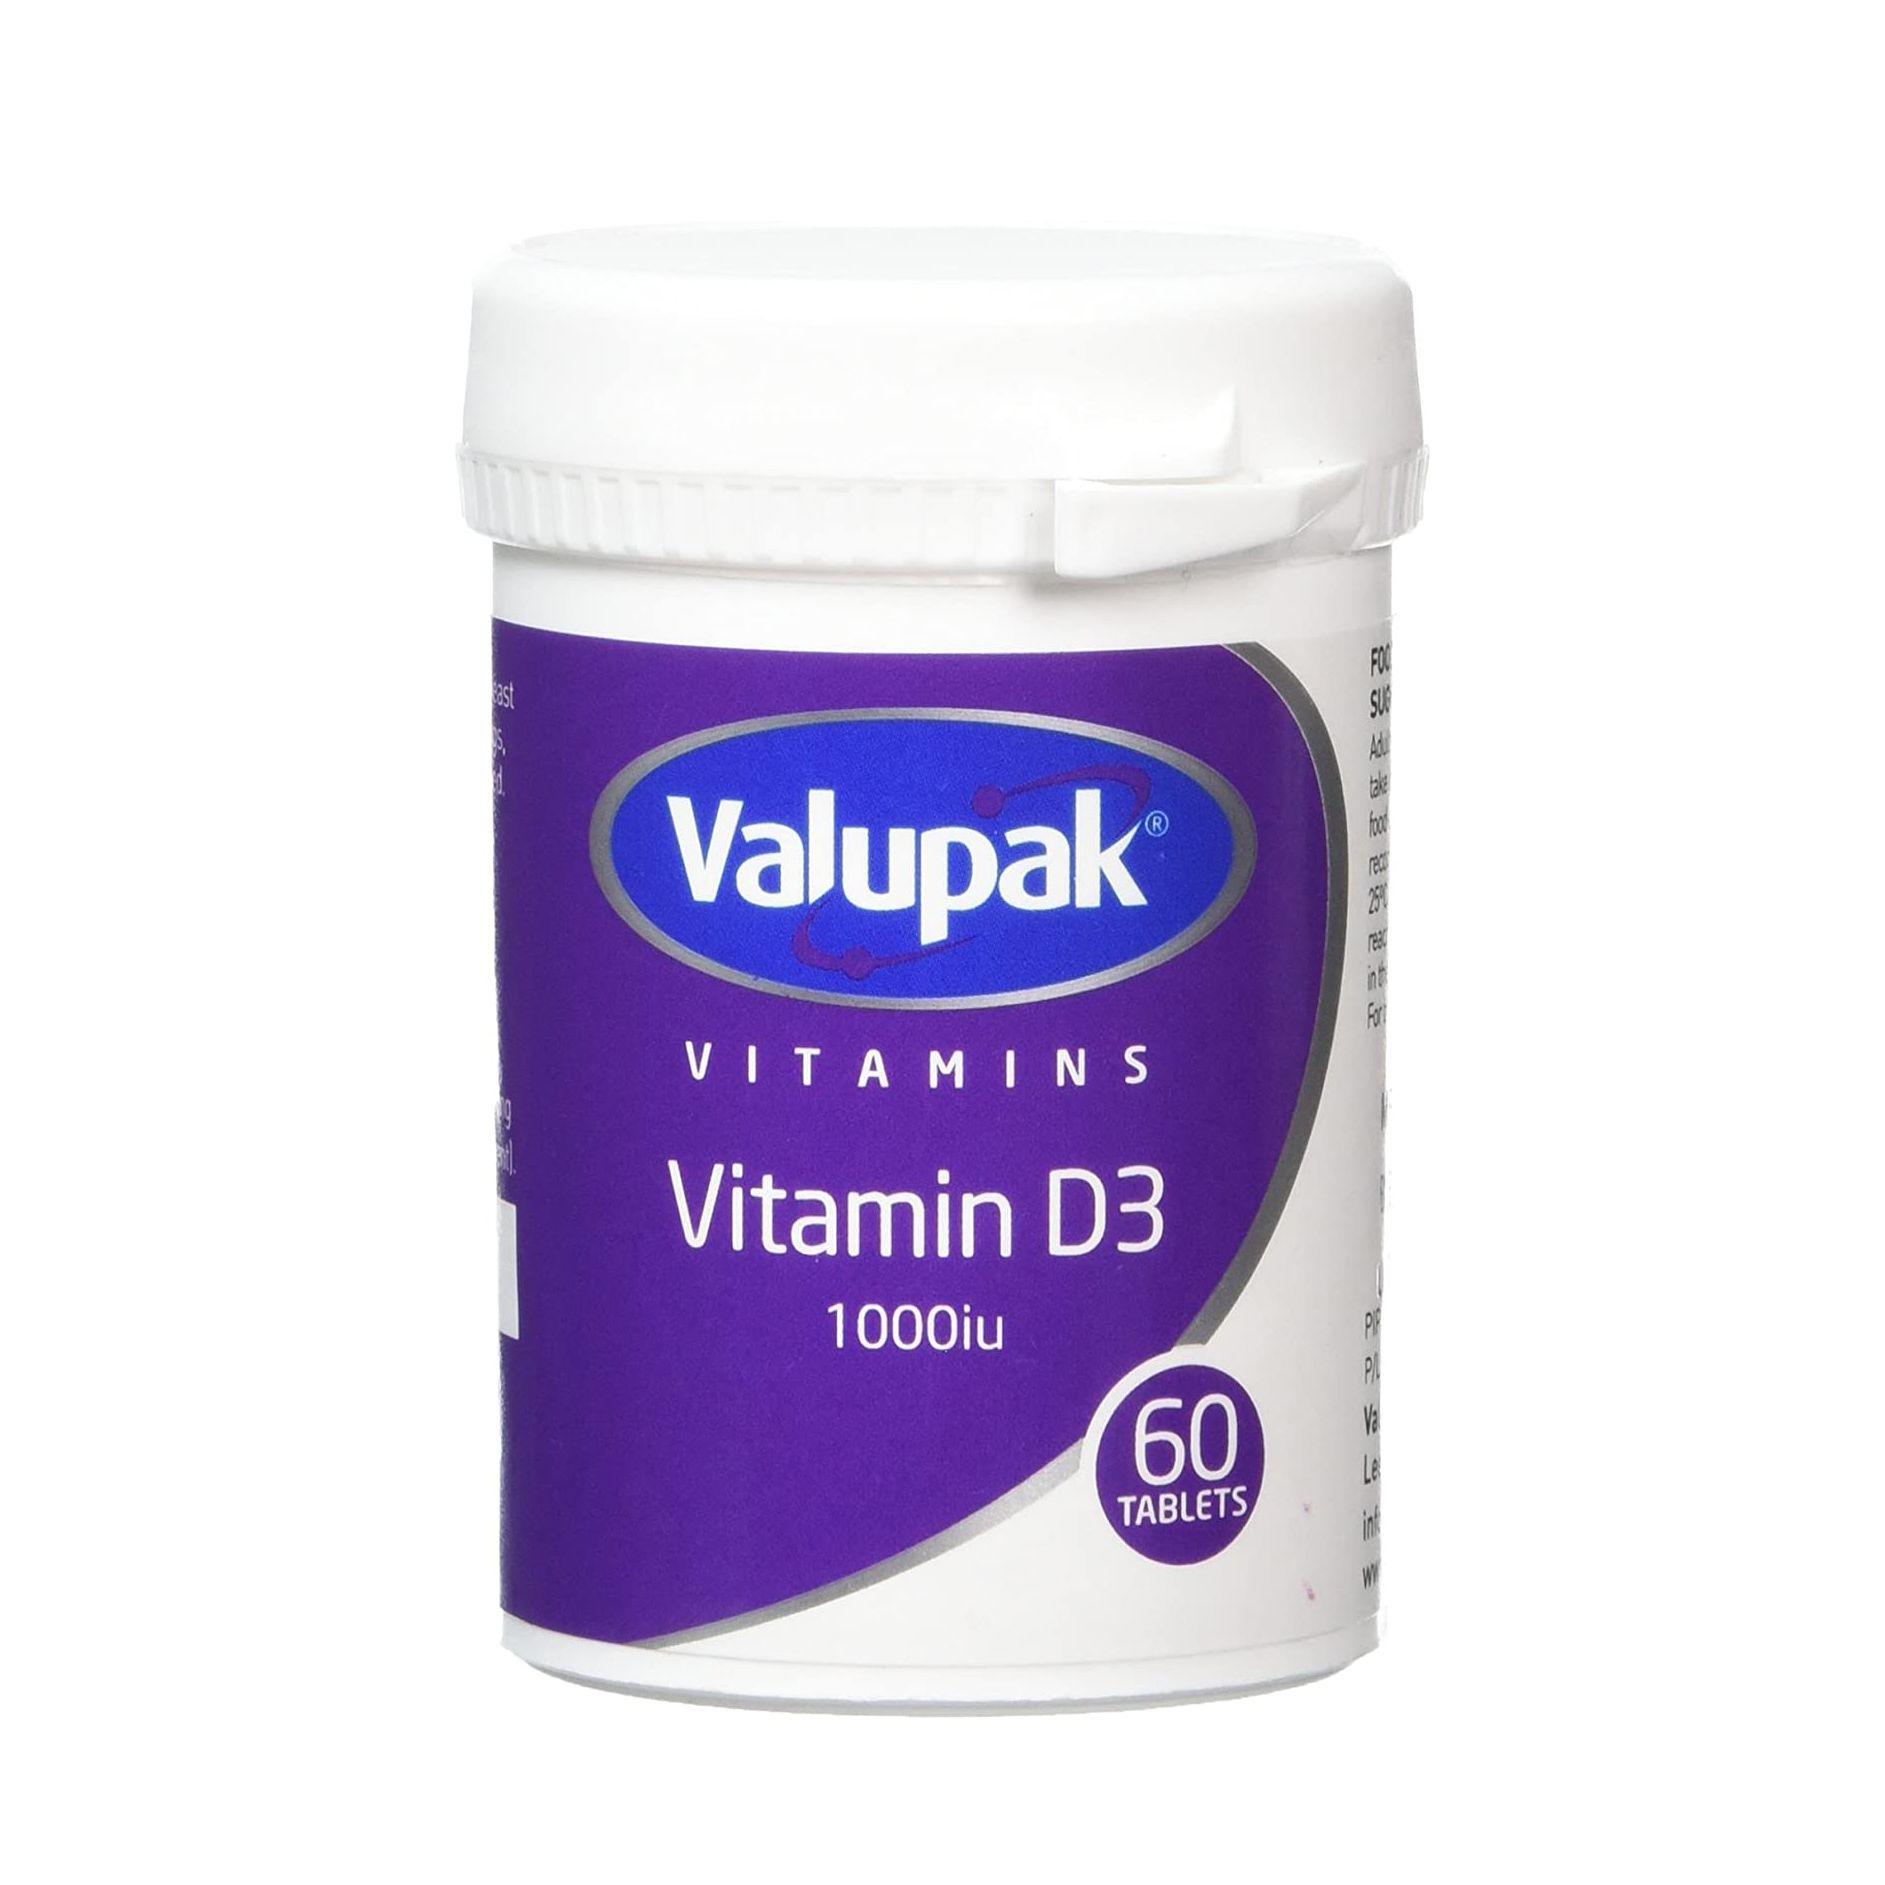 Valupak Vitamin D Tablets Pack of 60 Tablets